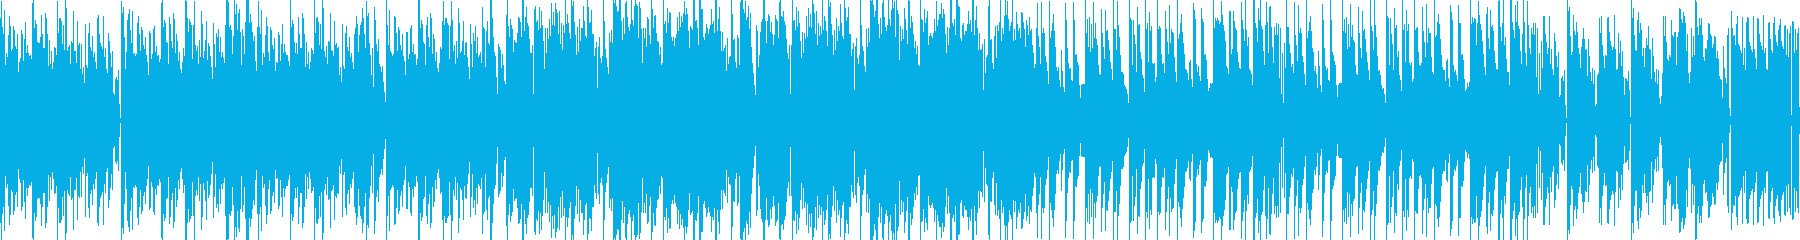 戦闘などに適した高速テンポの緊迫BGMの再生済みの波形